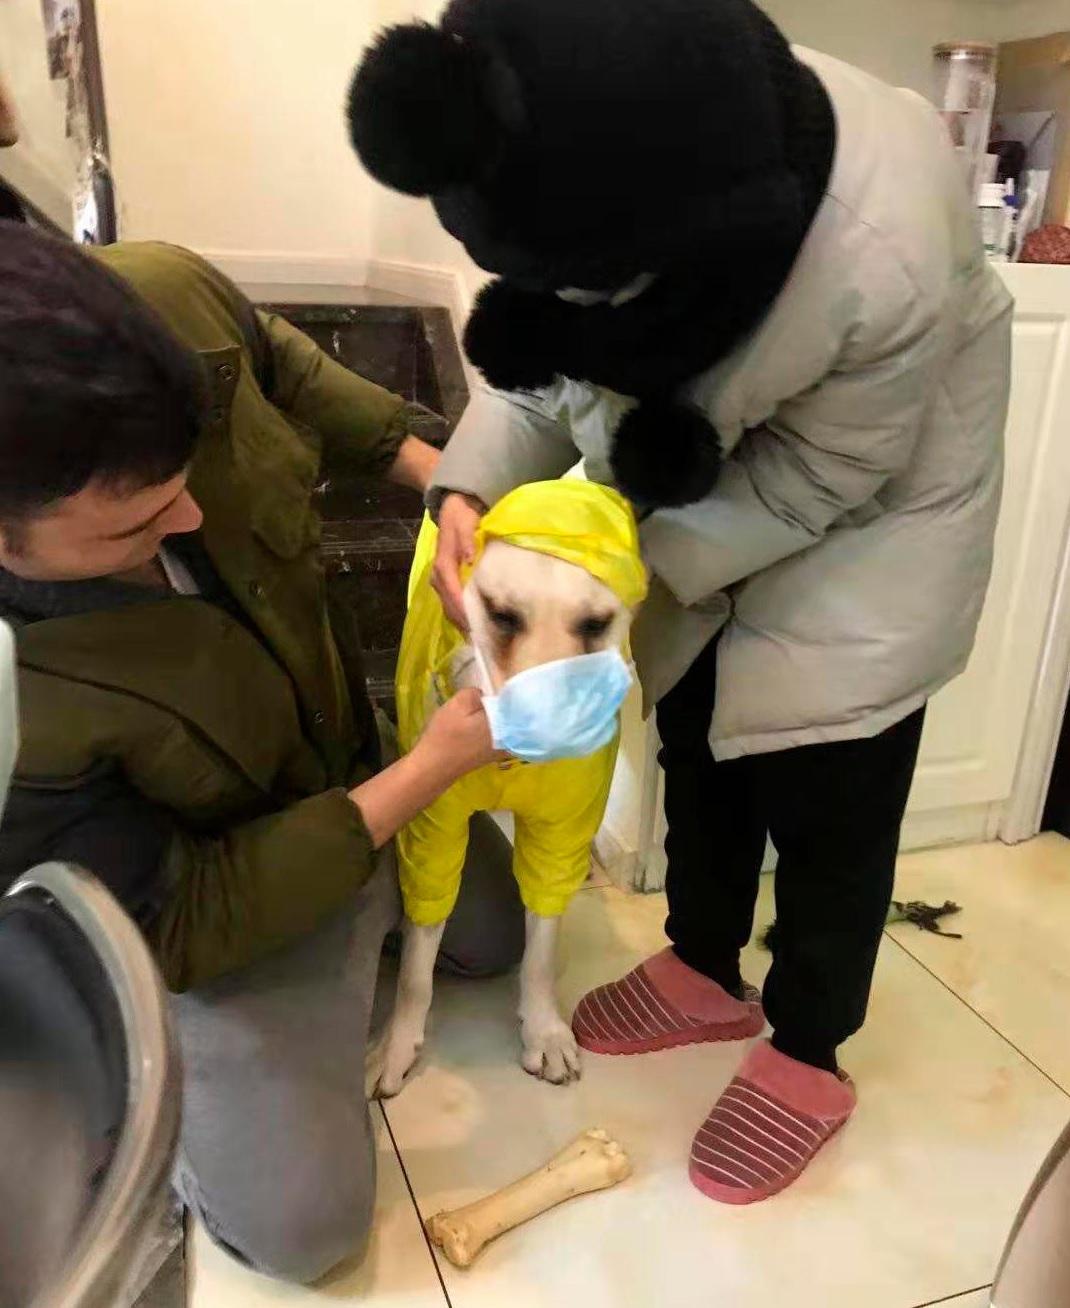 Chubby, un labrador, es vestida con un traje casi completo antes de pasear en Wuhan (AP)